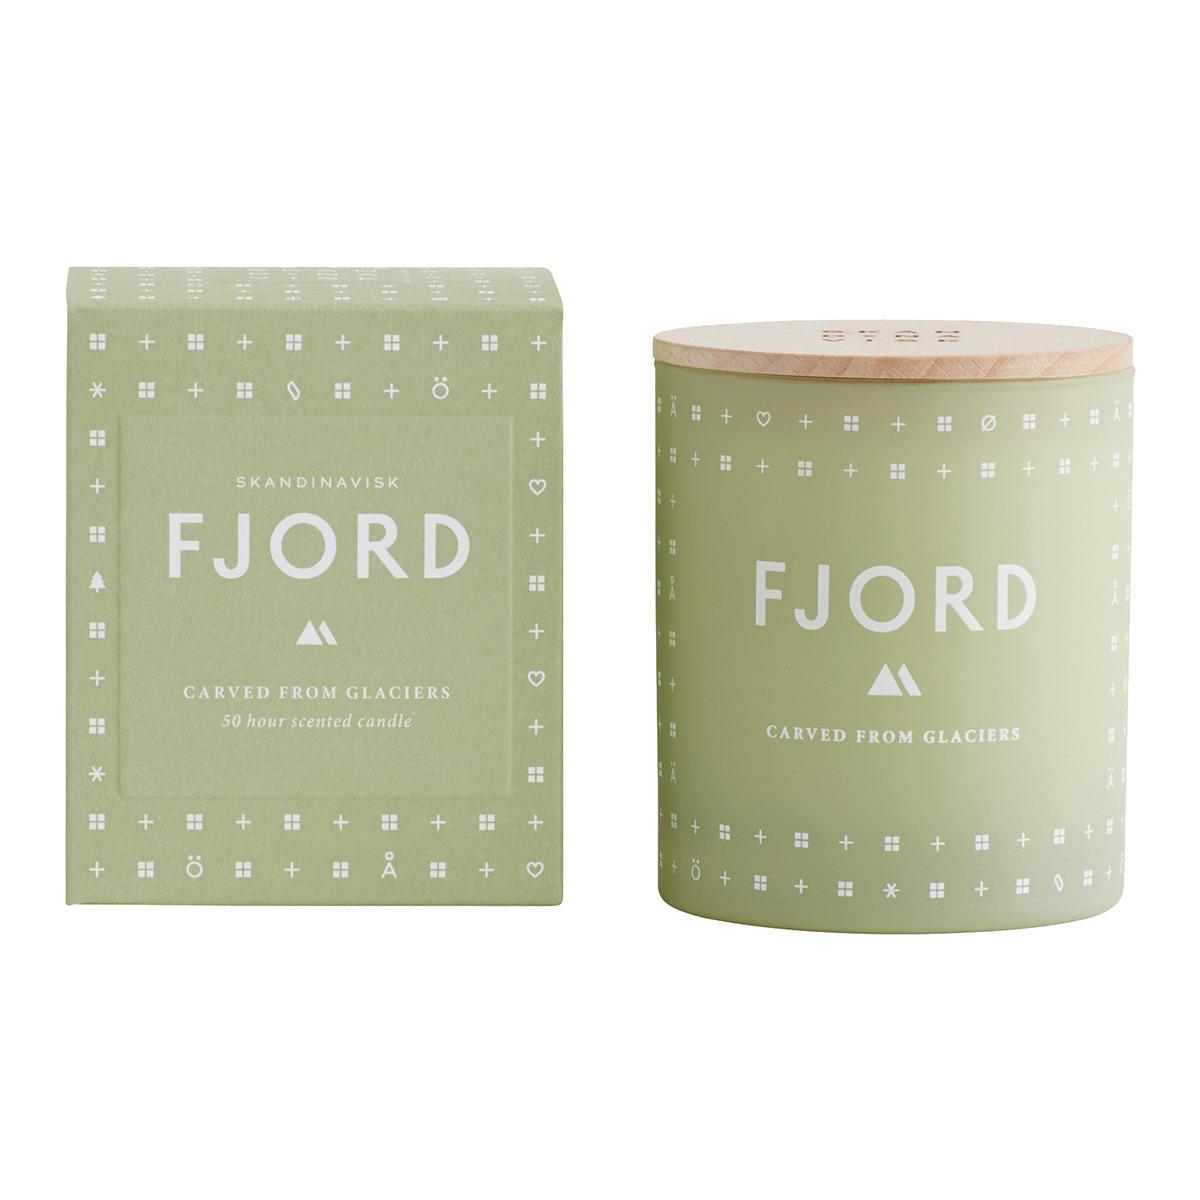 Vela perfumada en vaso Fjord Skandinavisk